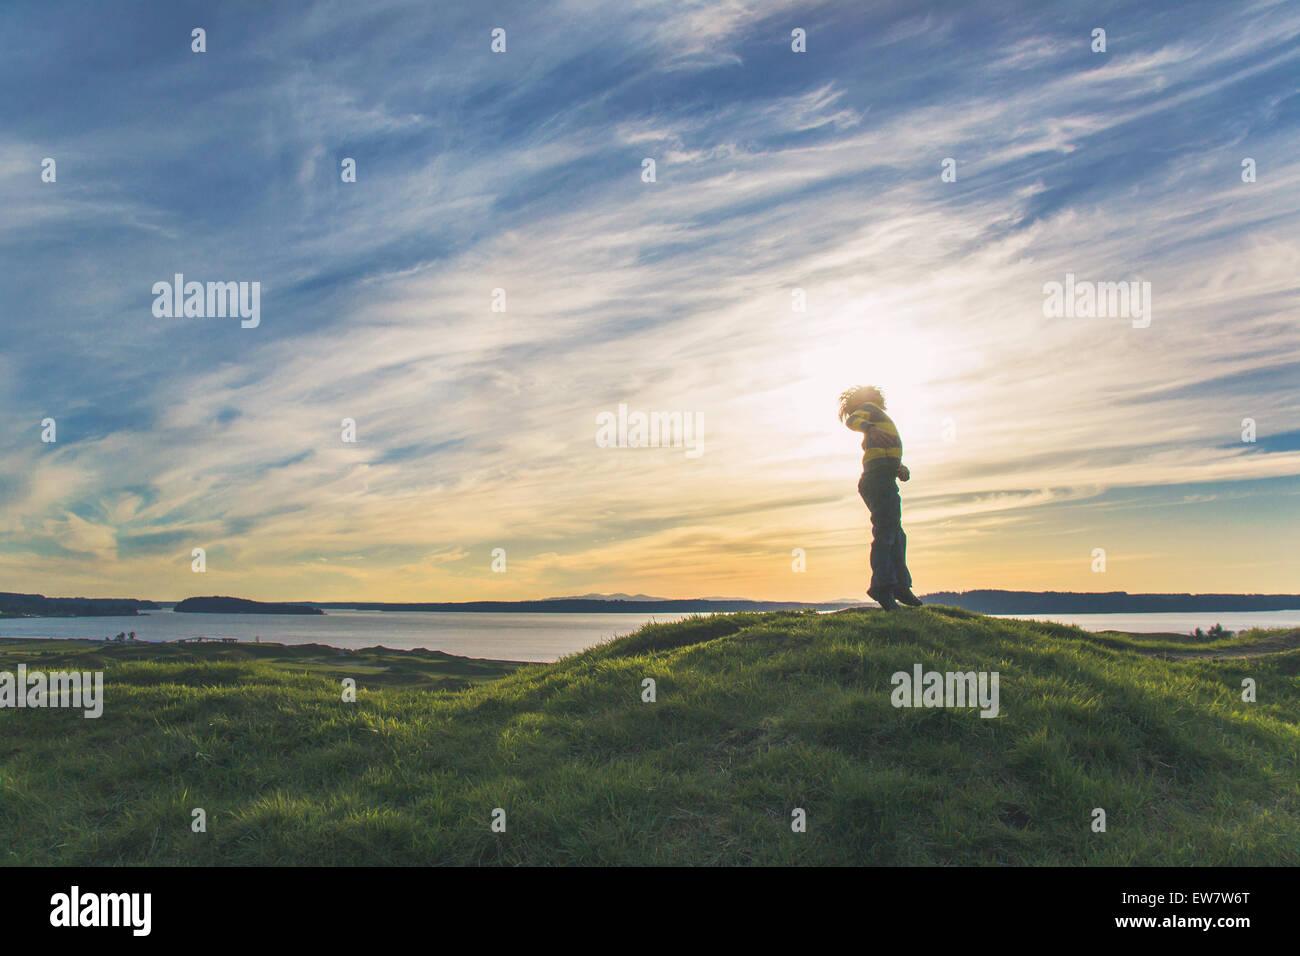 Ángulo de visión baja de un muchacho saltando sobre una colina Foto de stock